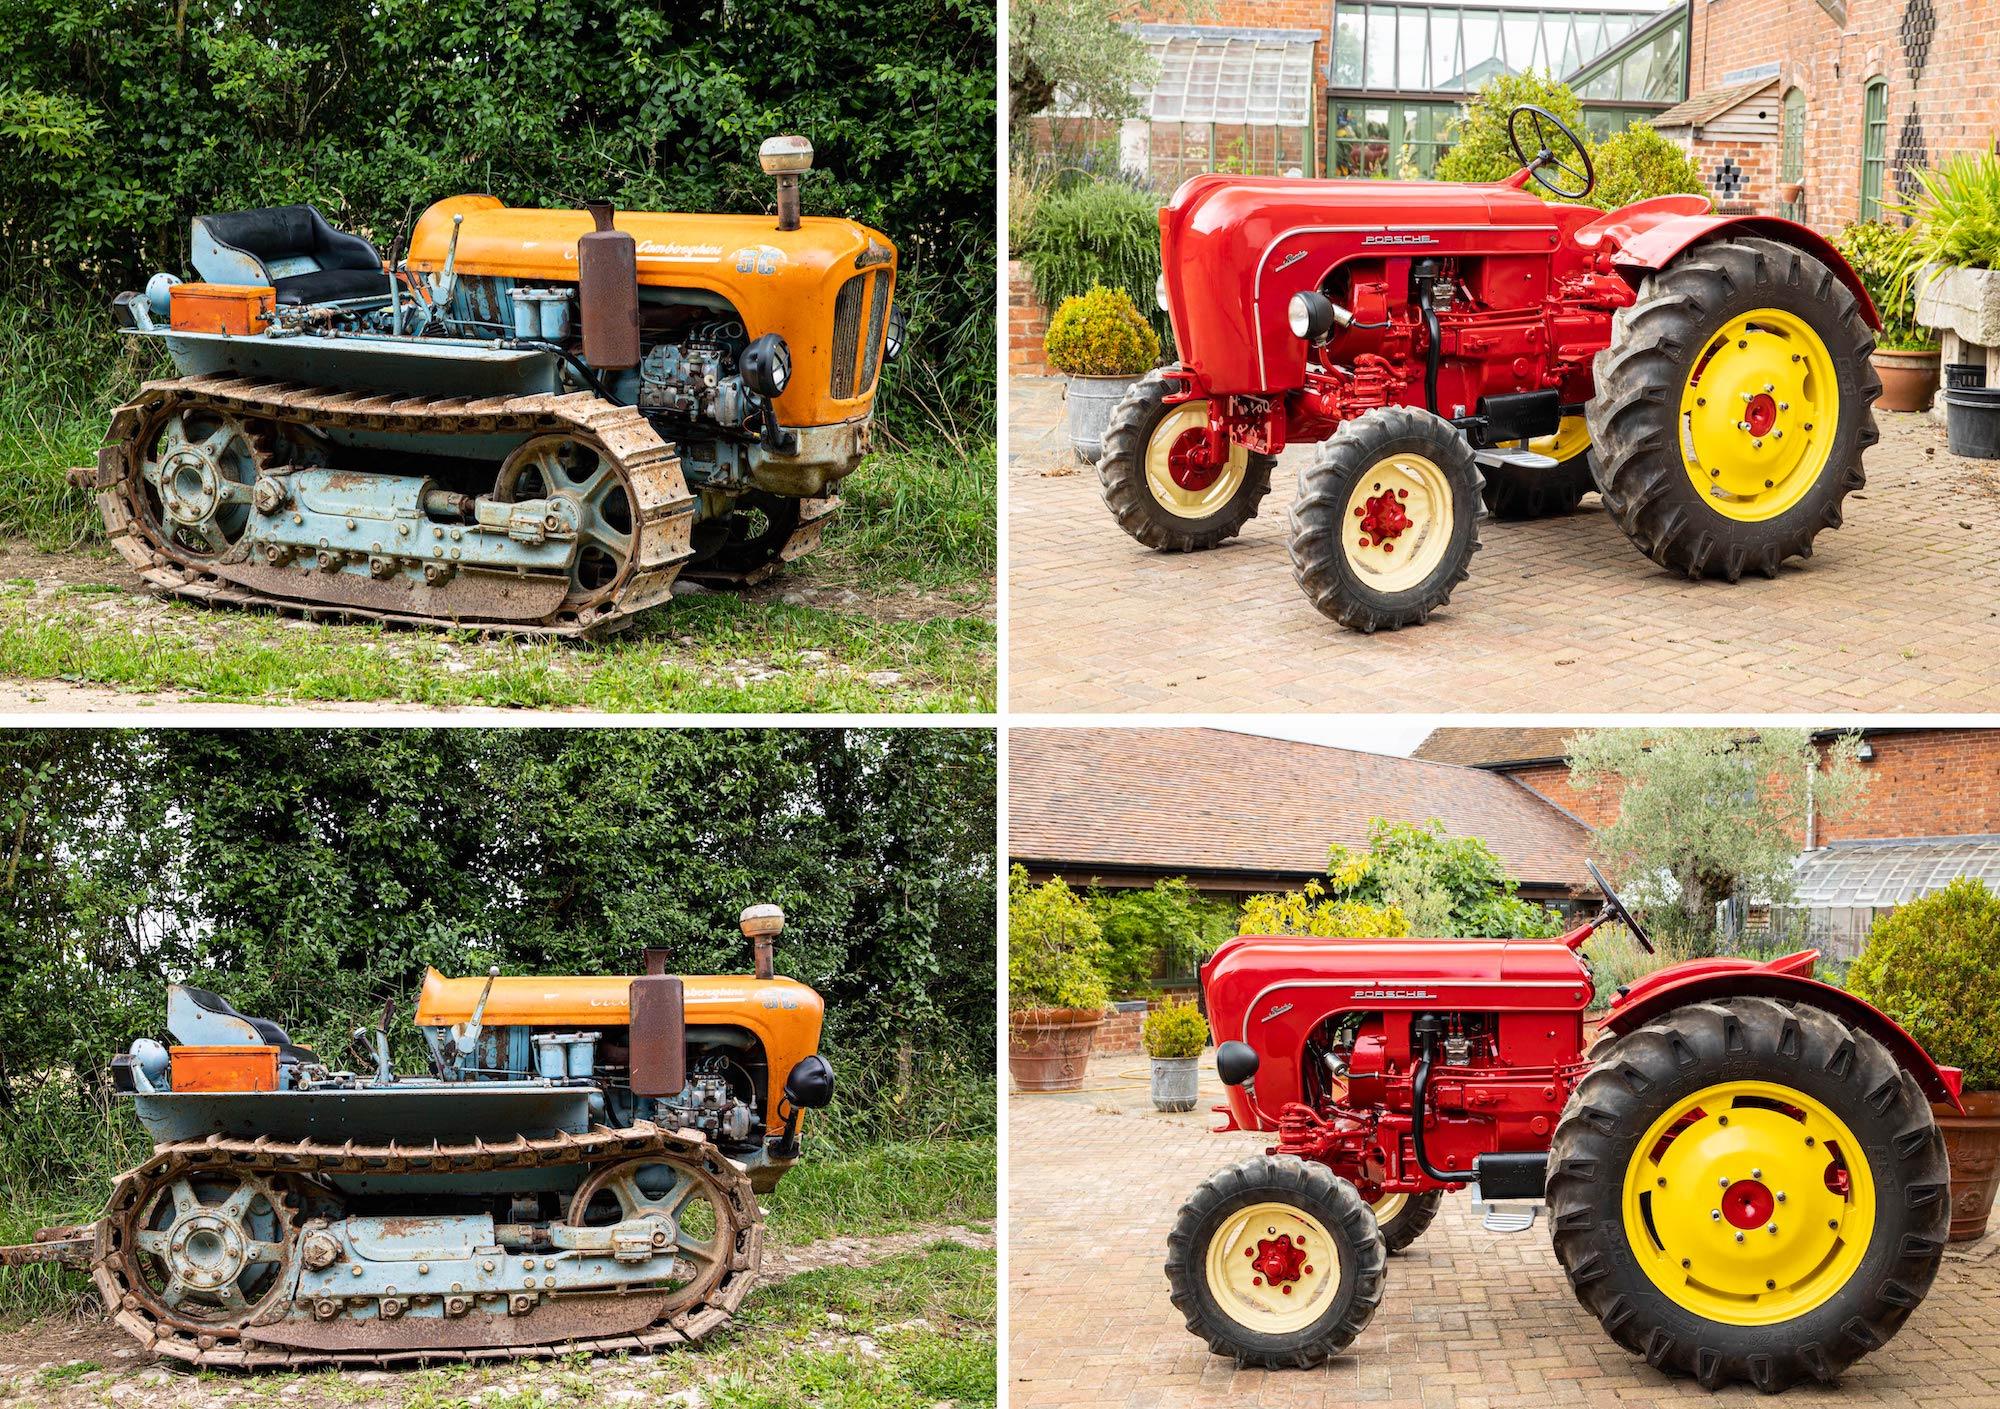 Lamborghini Tractor vs Porsche Tractor